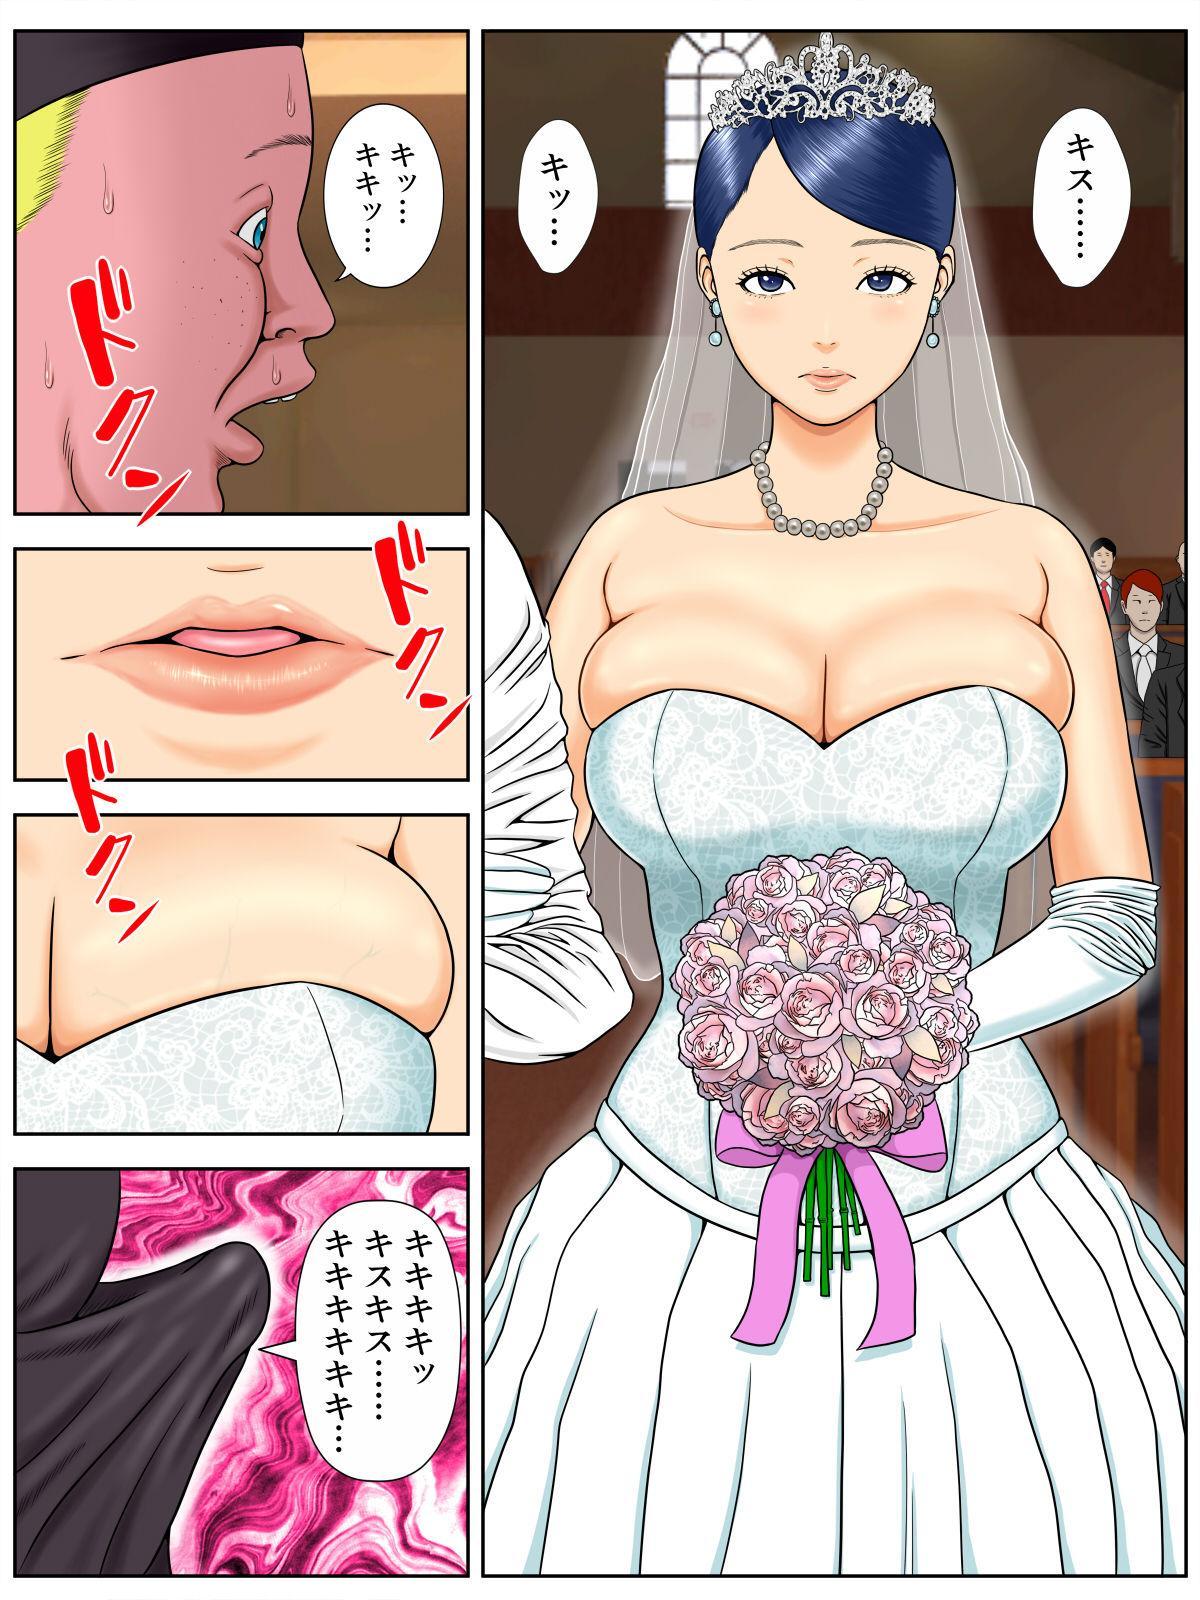 Sex Shinai to Shinu Yamai 2